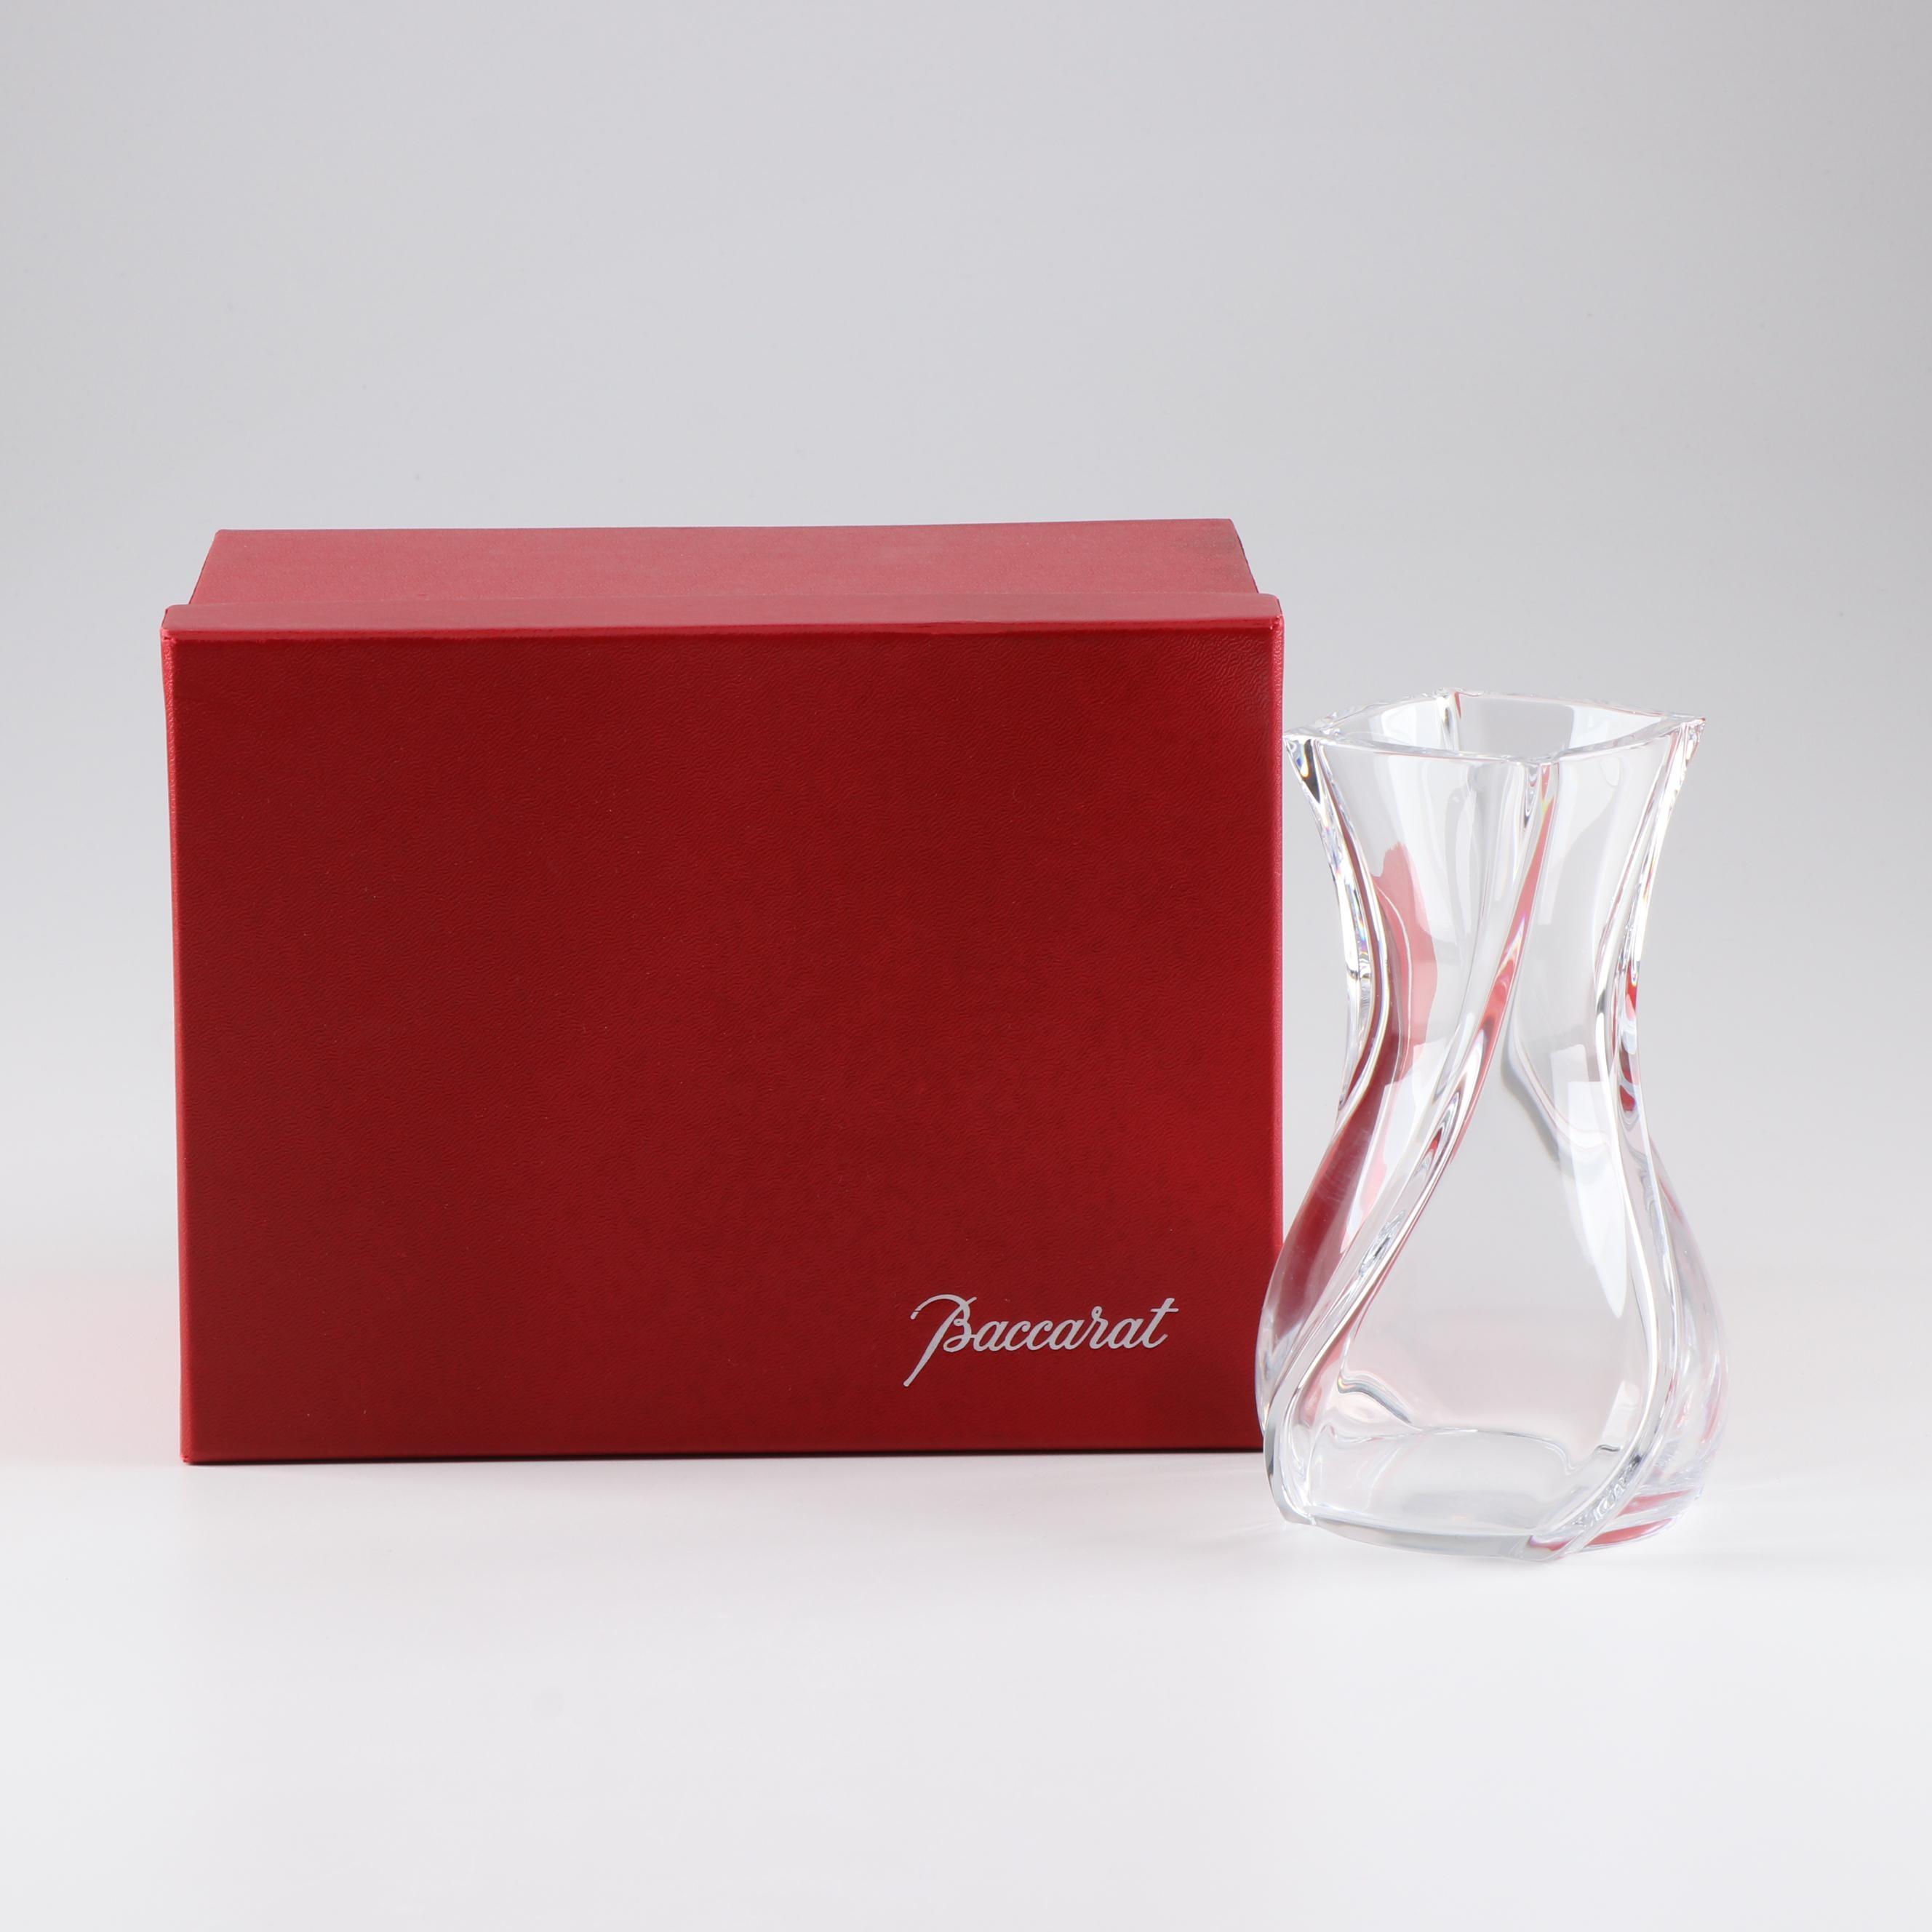 """Bacarrat """"Serpentin"""" Crystal Vase"""